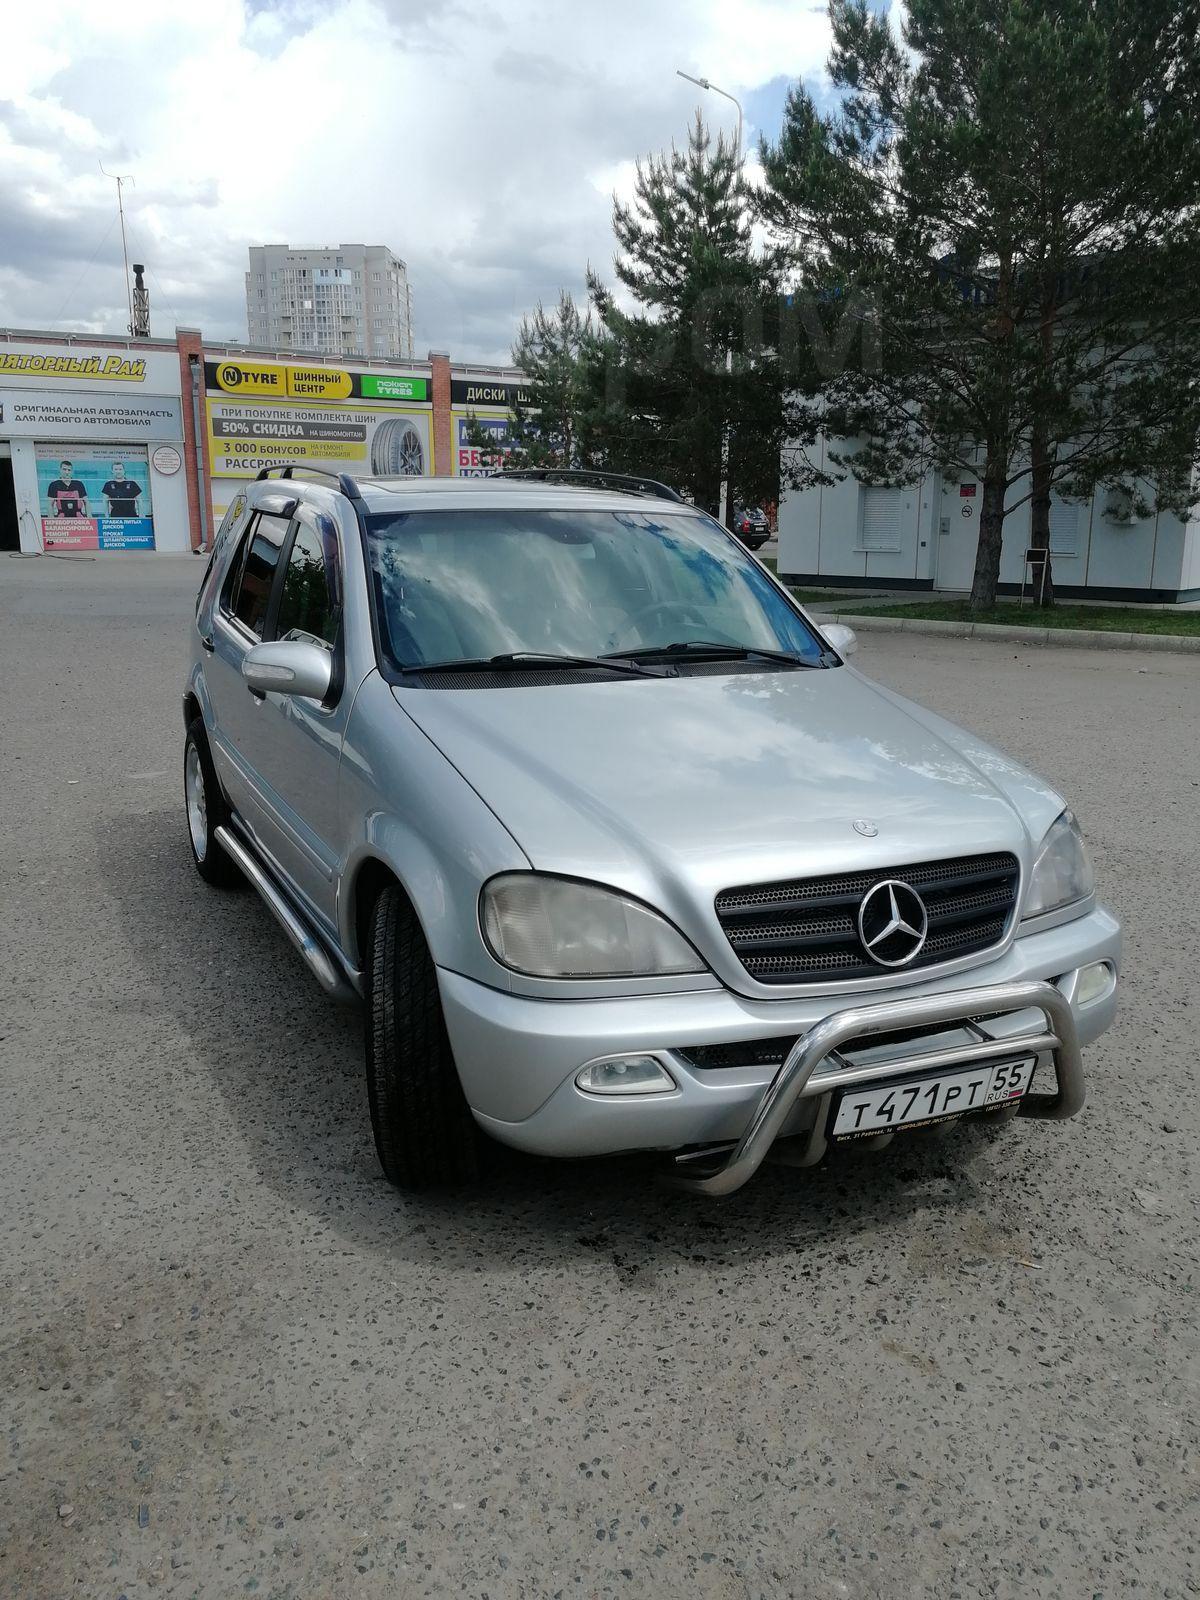 Mercedes Benz M Class 2002 в Омске Авто в отРичном состоянии меняю